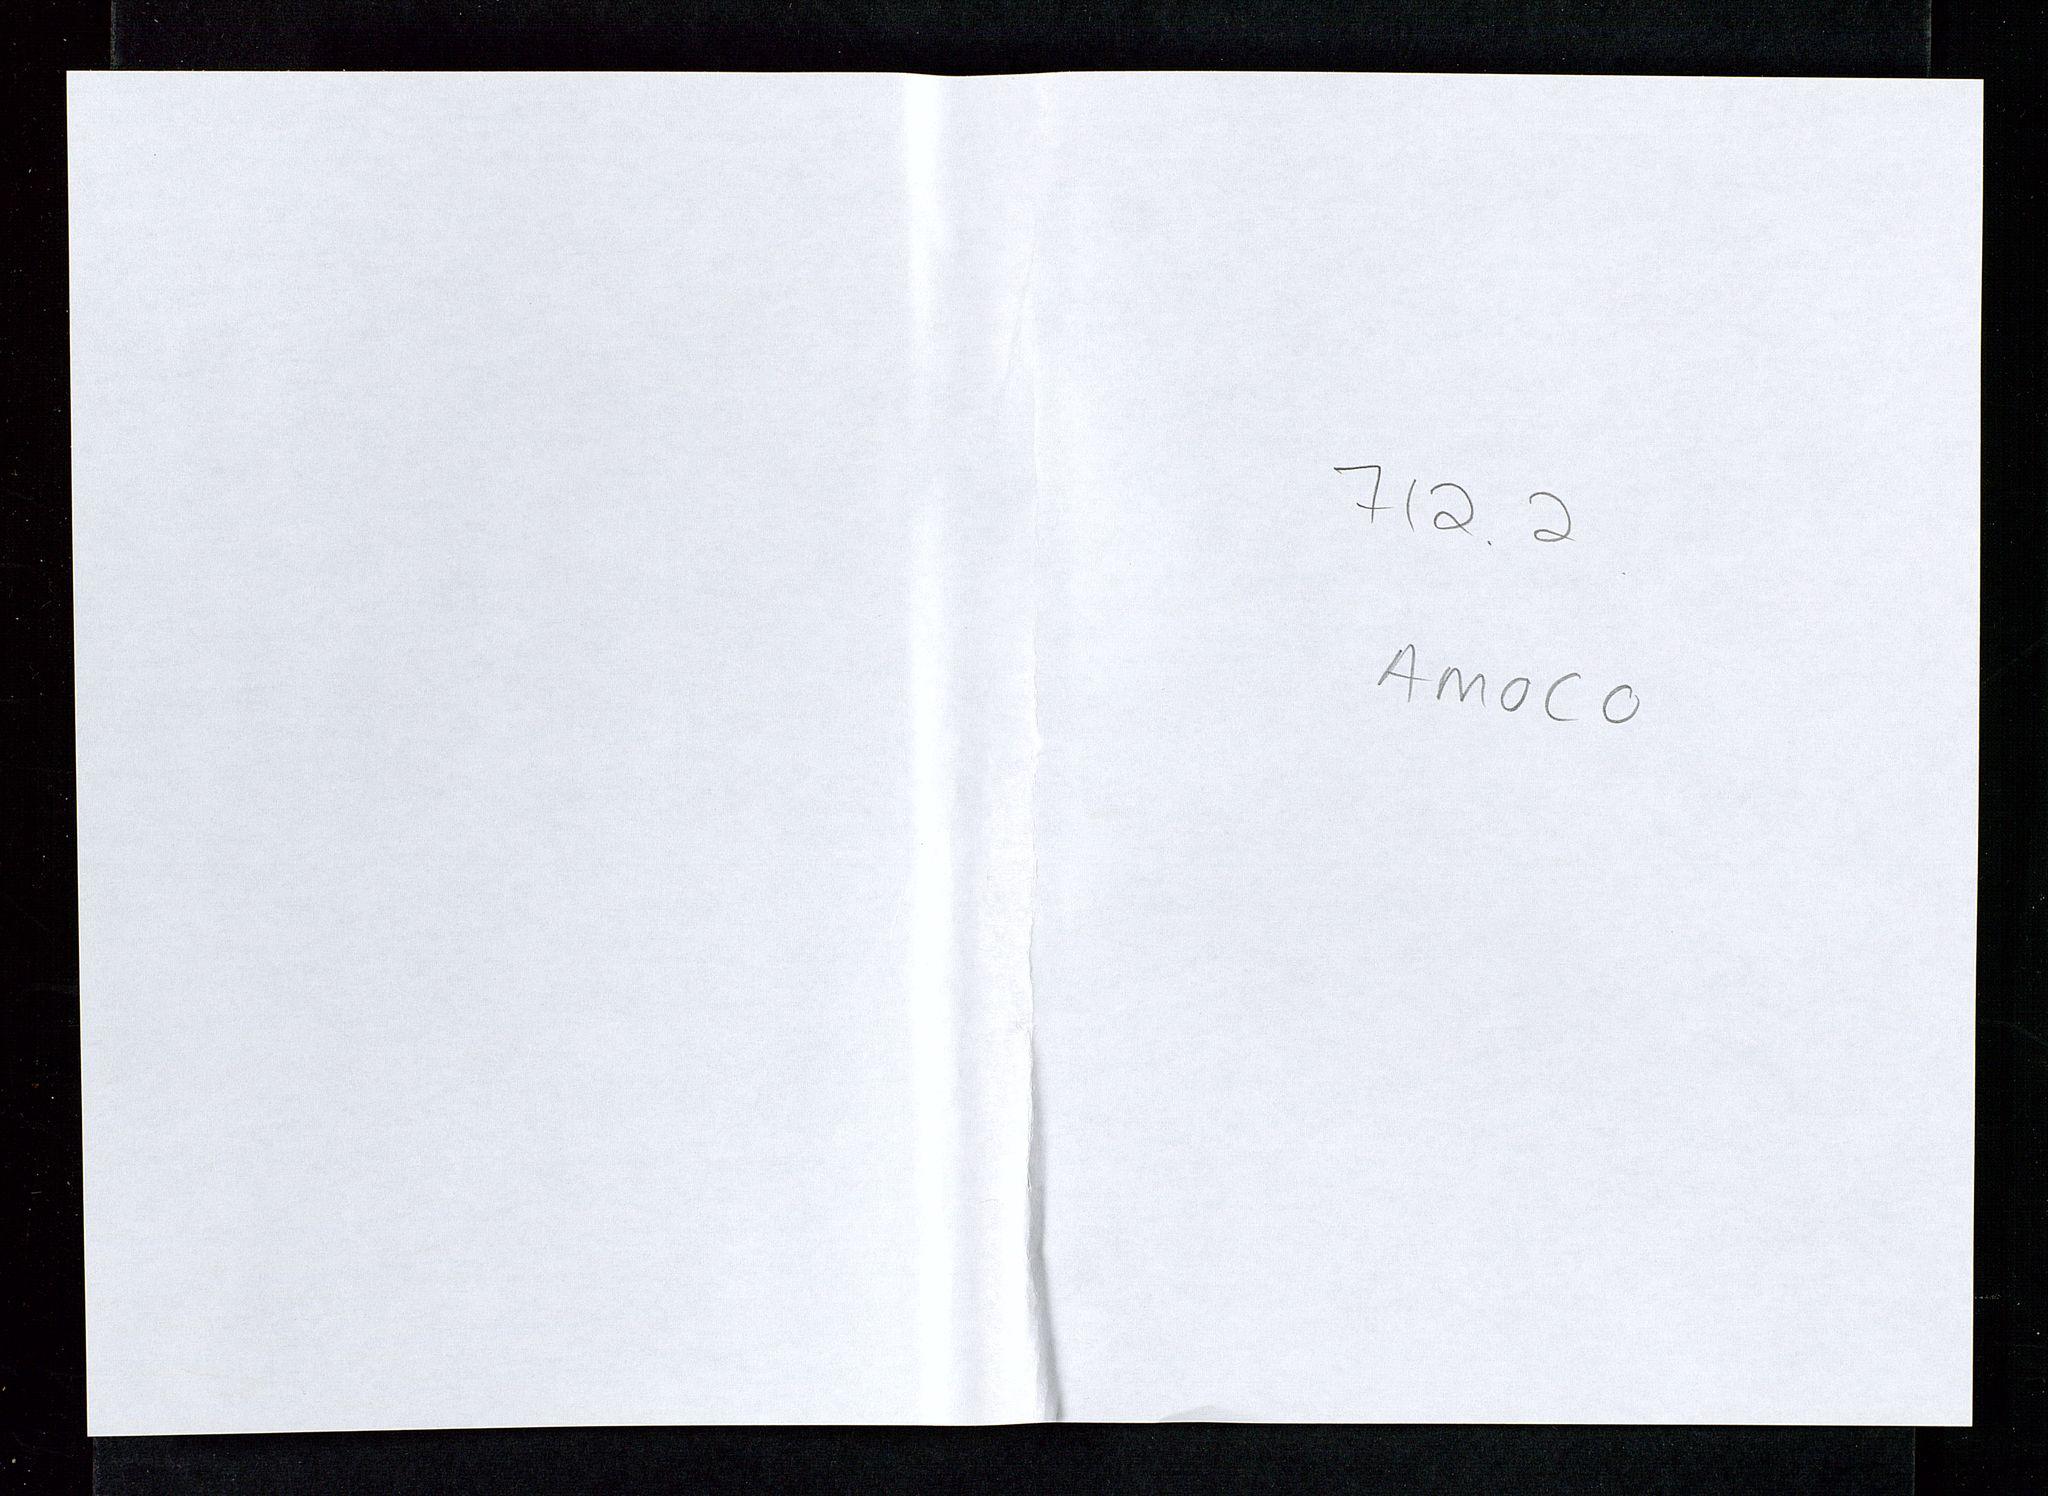 SAST, Industridepartementet, Oljekontoret, Da/L0004: Arkivnøkkel 711 - 712 Utvinningstillatelser, 1970-1971, s. 356